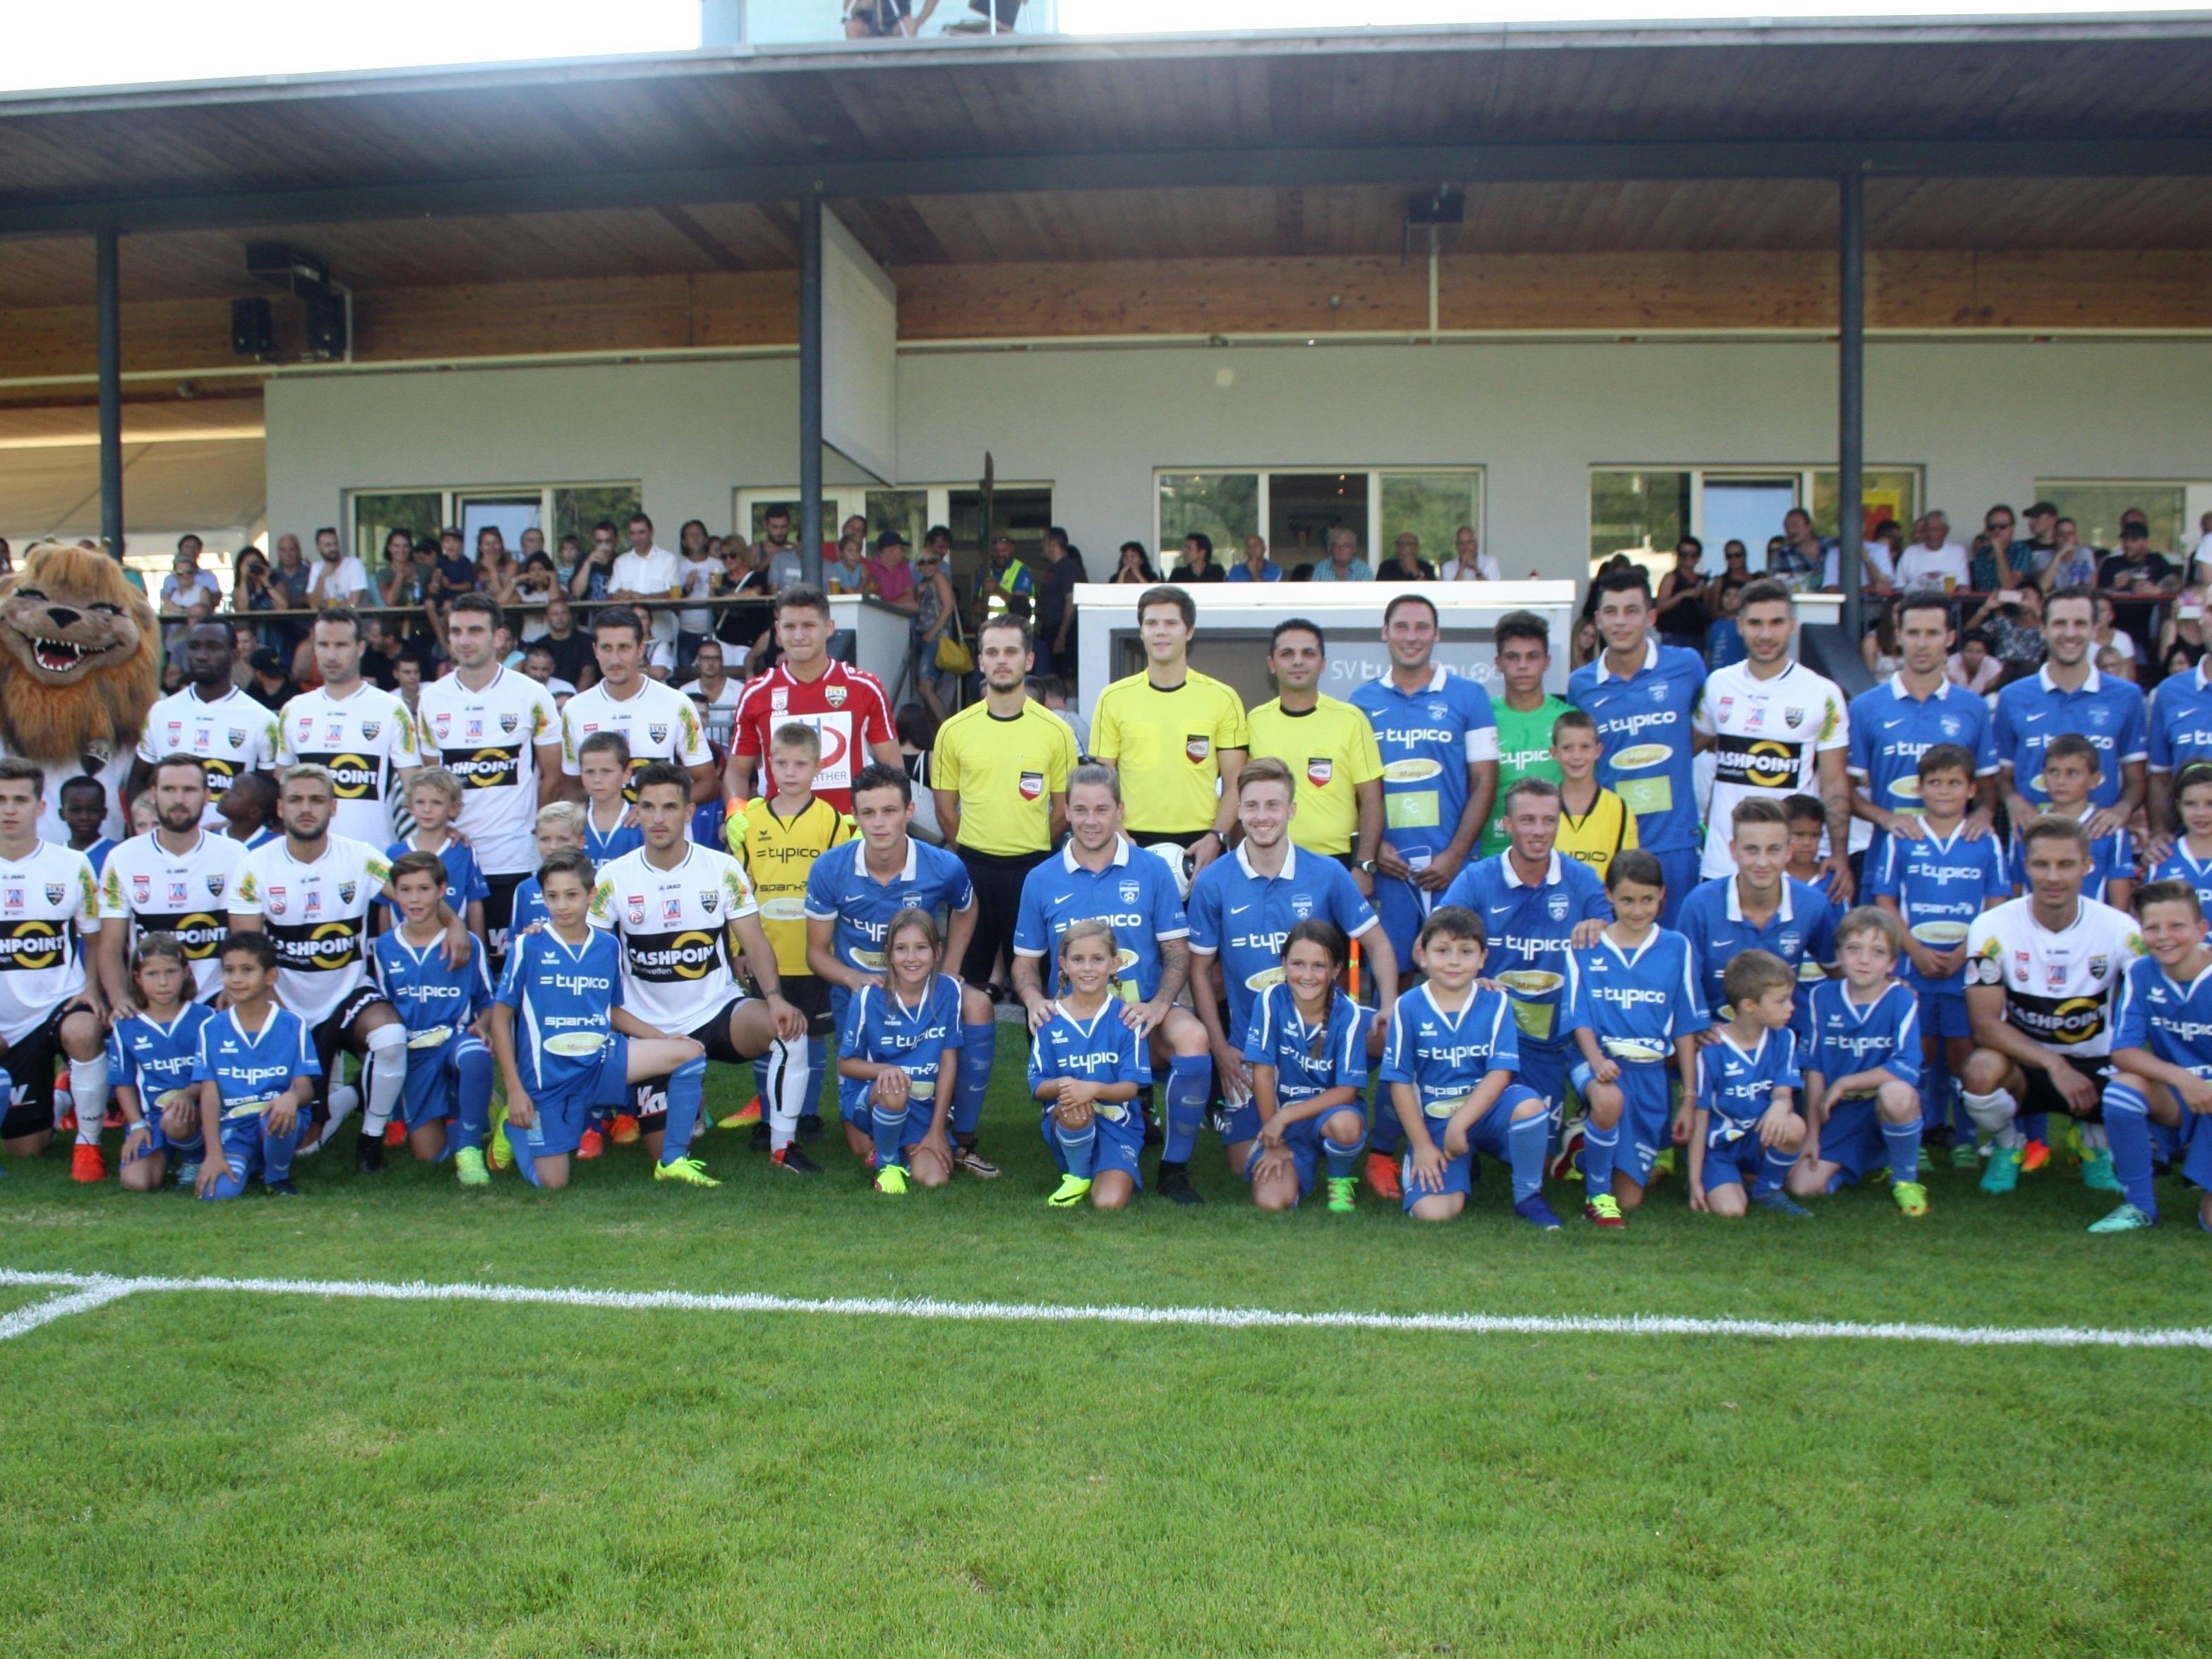 Fußball-Highlight in Lochau: SCR CASHPOINT Altach kam zu einem Benefizspiel gegen den SV TYPICO Lochau in die Bodenseegemeinde.